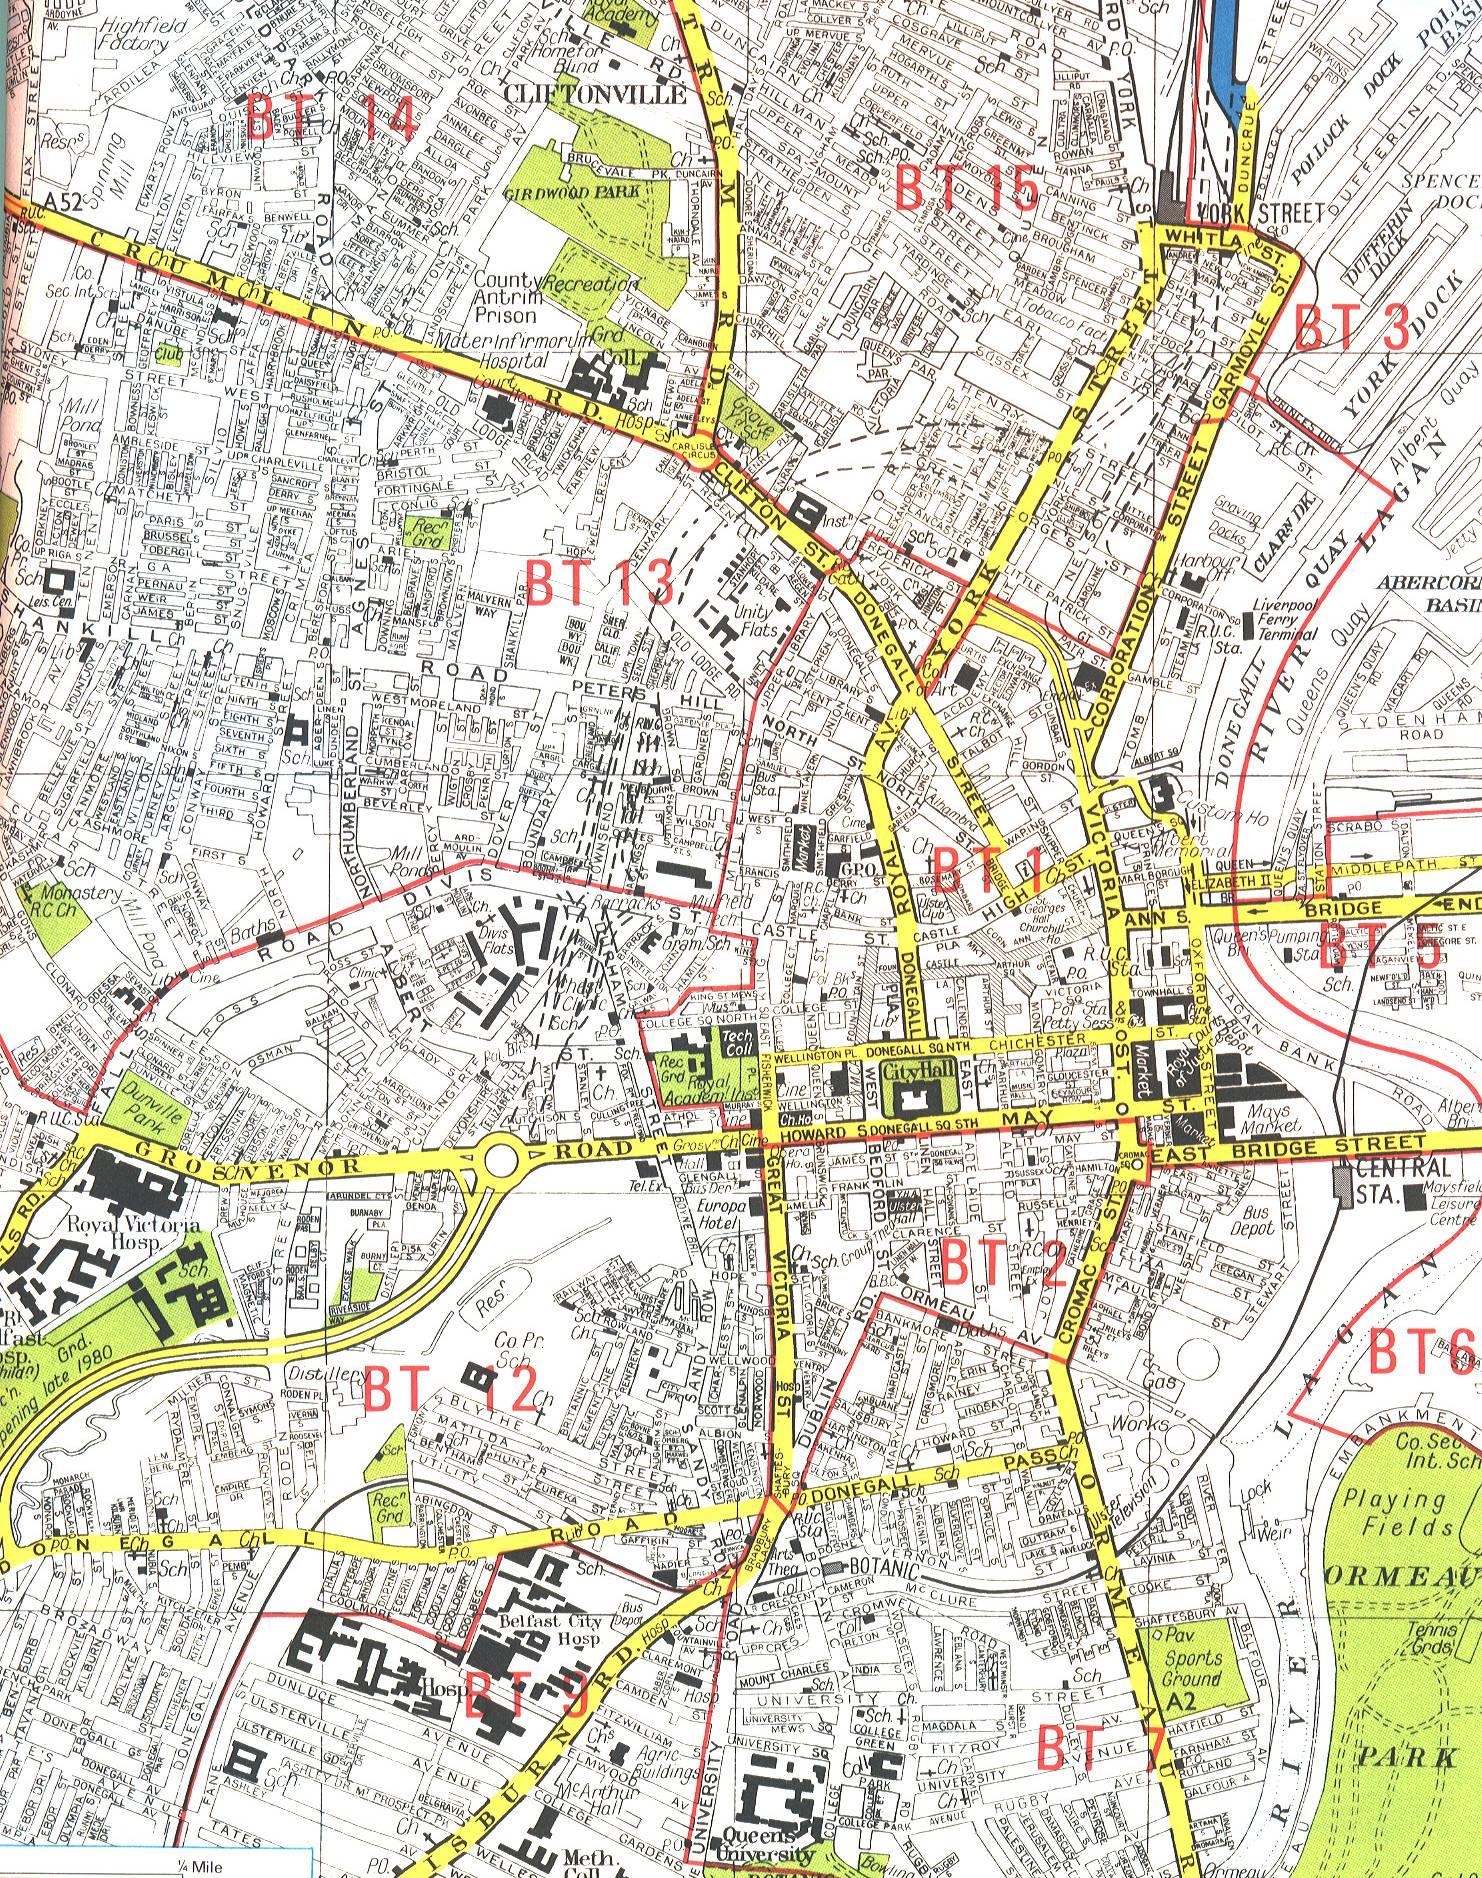 英国贝尔法斯特地图,英国地图高清中文版